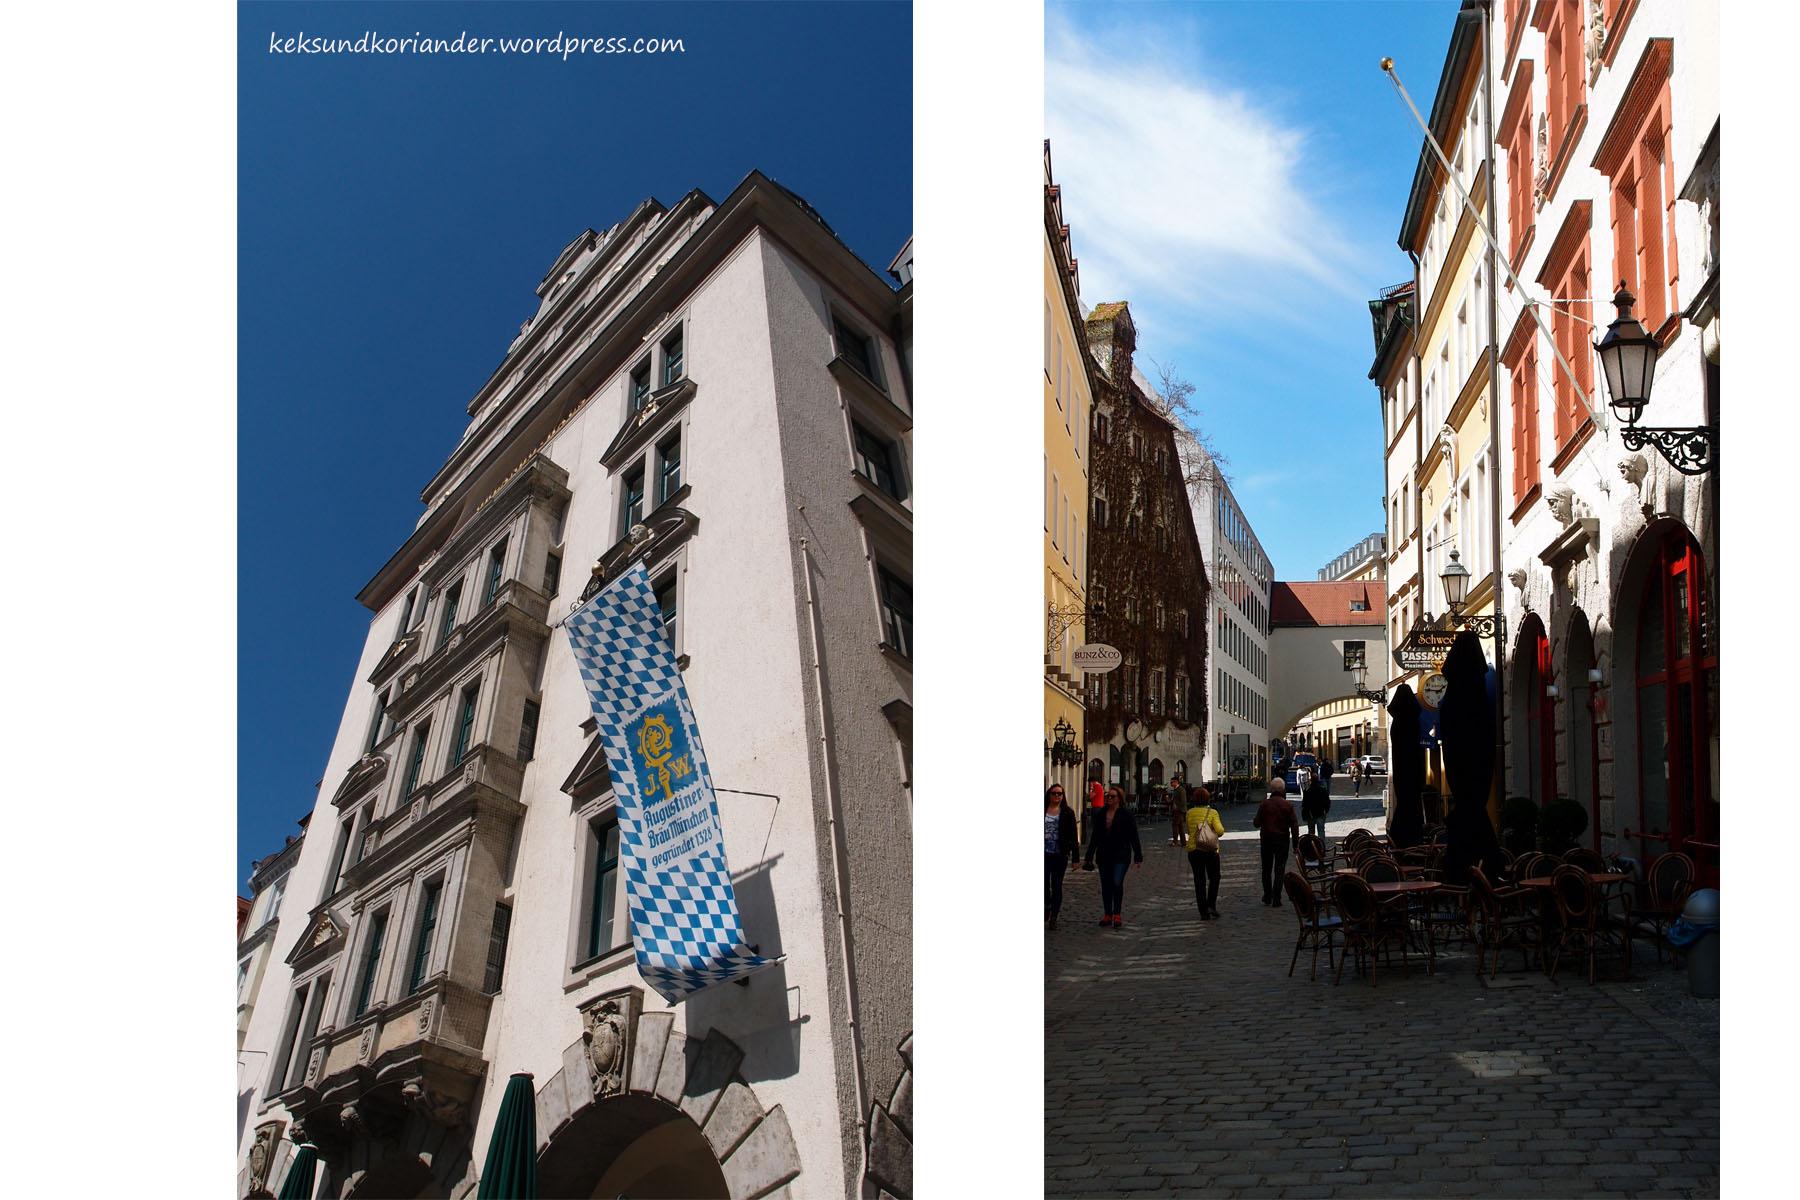 München platzl